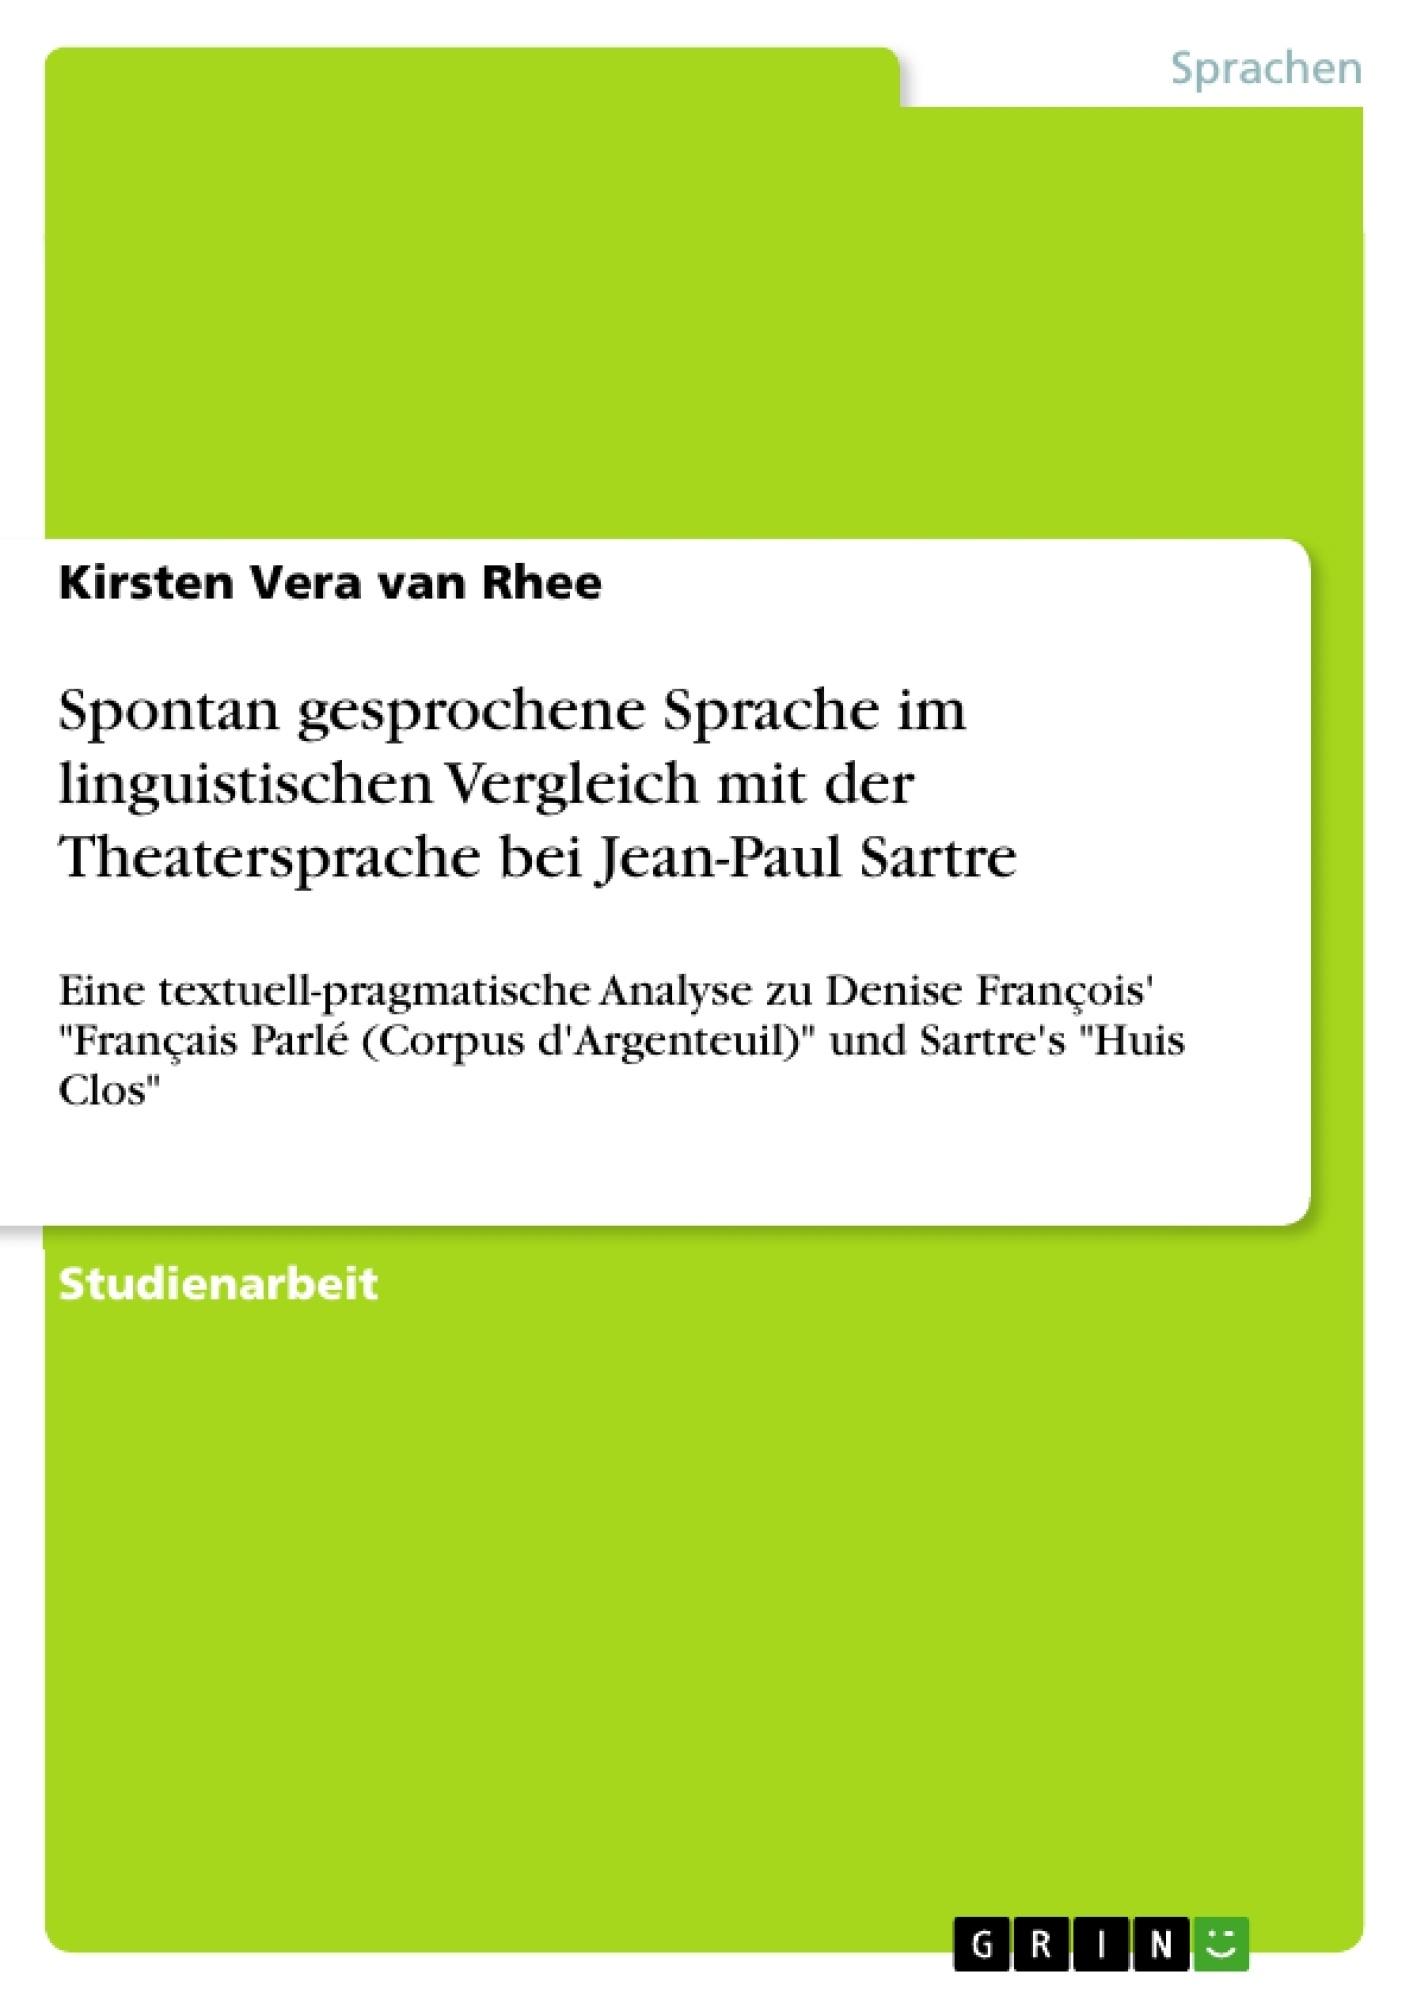 Titel: Spontan gesprochene Sprache im linguistischen Vergleich mit der Theatersprache bei Jean-Paul Sartre